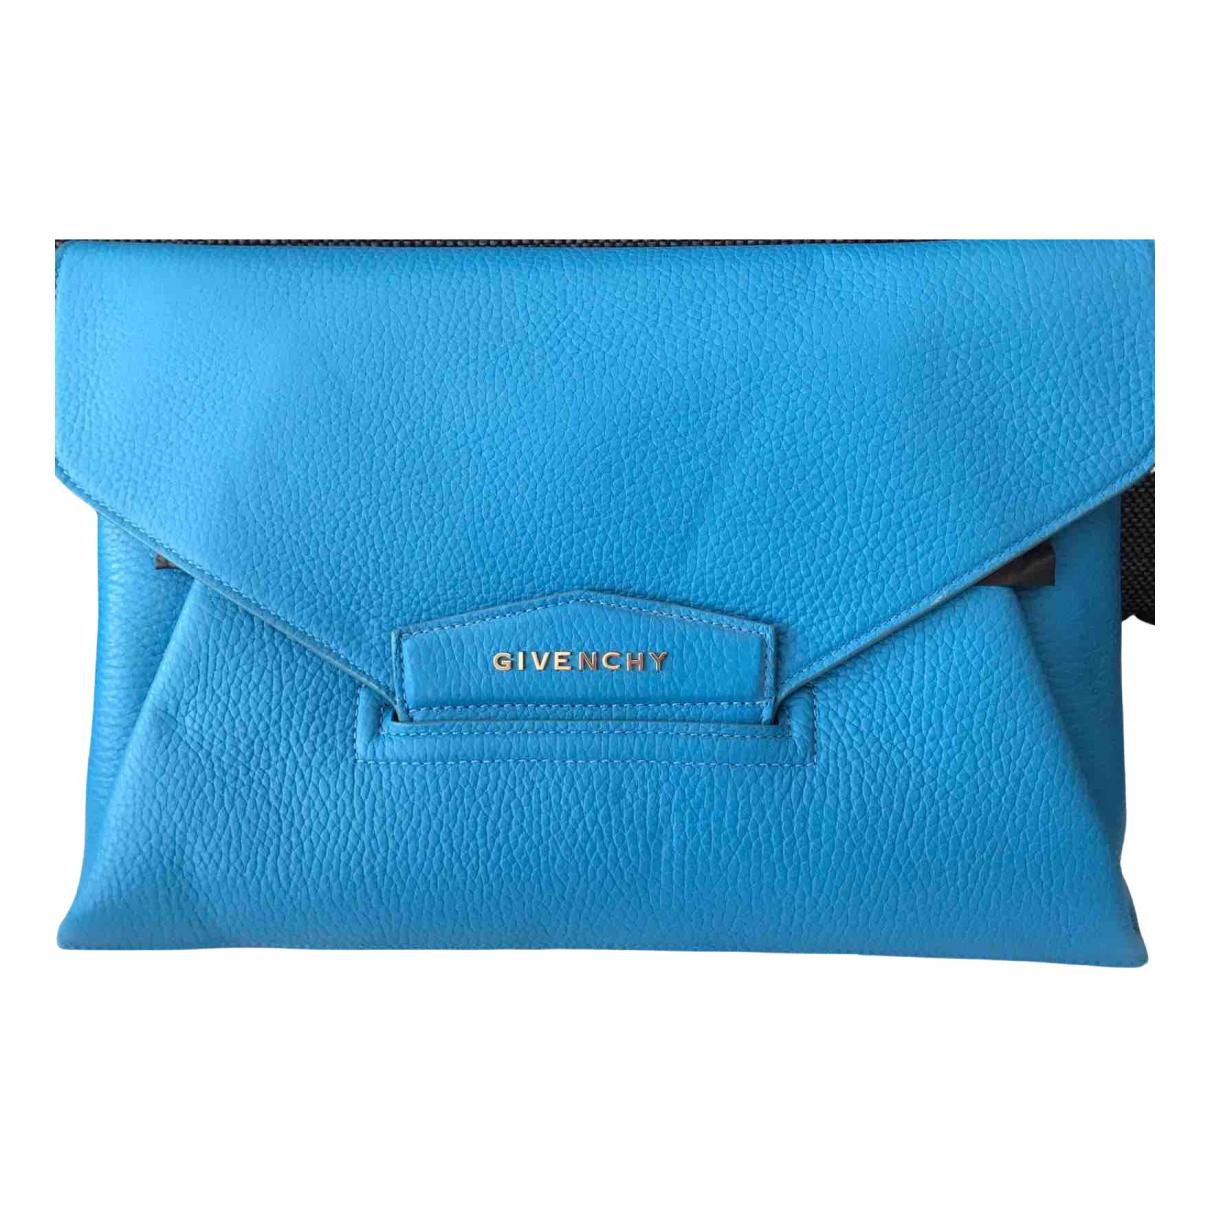 Givenchy Antigona Clutch in  Blau Leder